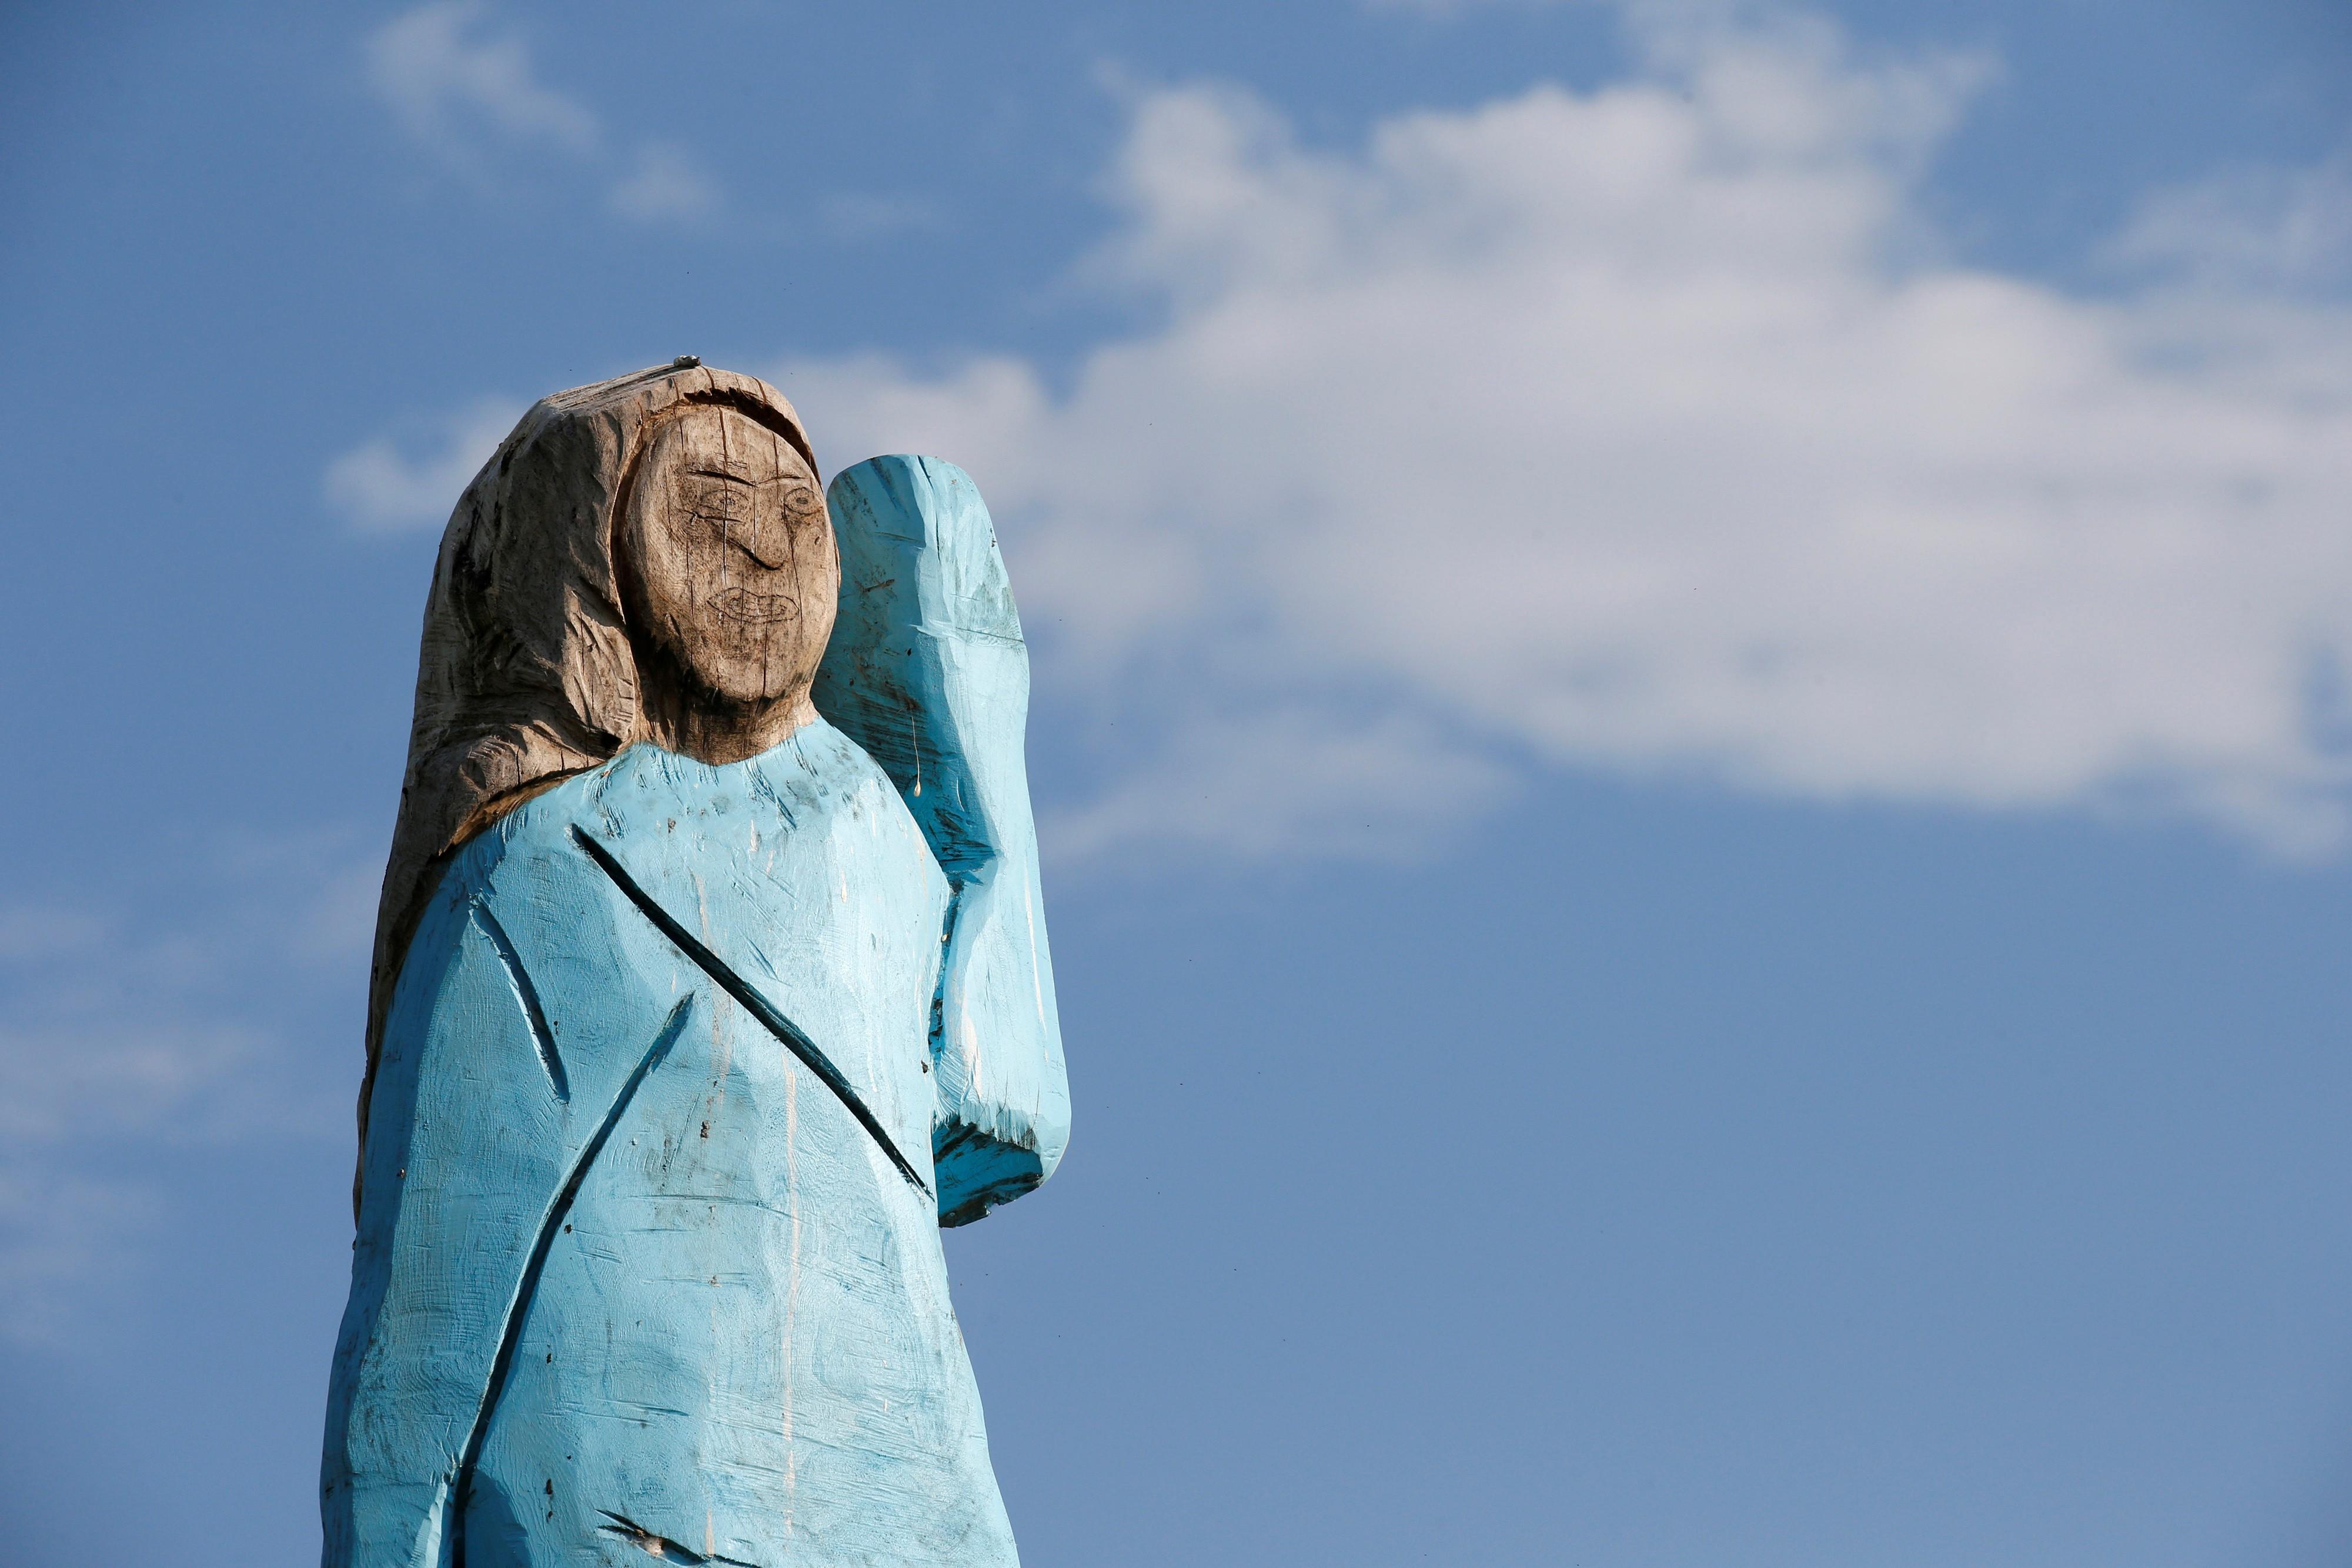 Estátua de Melania Trump é queimada na Eslovênia